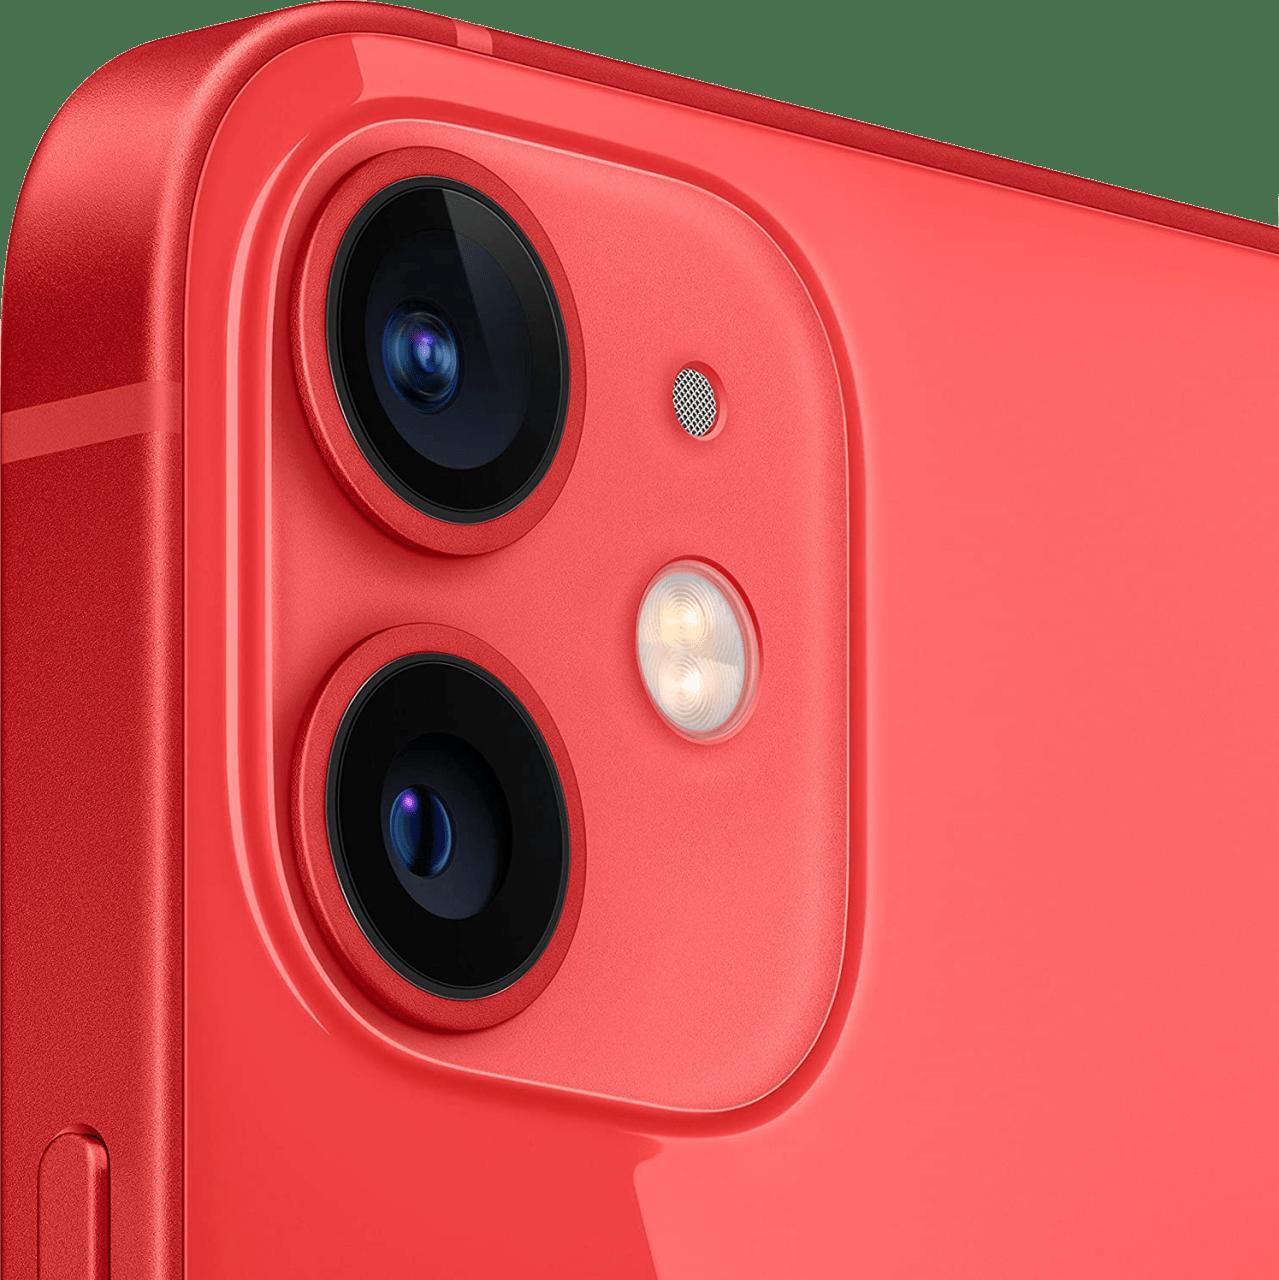 Rot Apple iPhone 12 mini 256GB.4